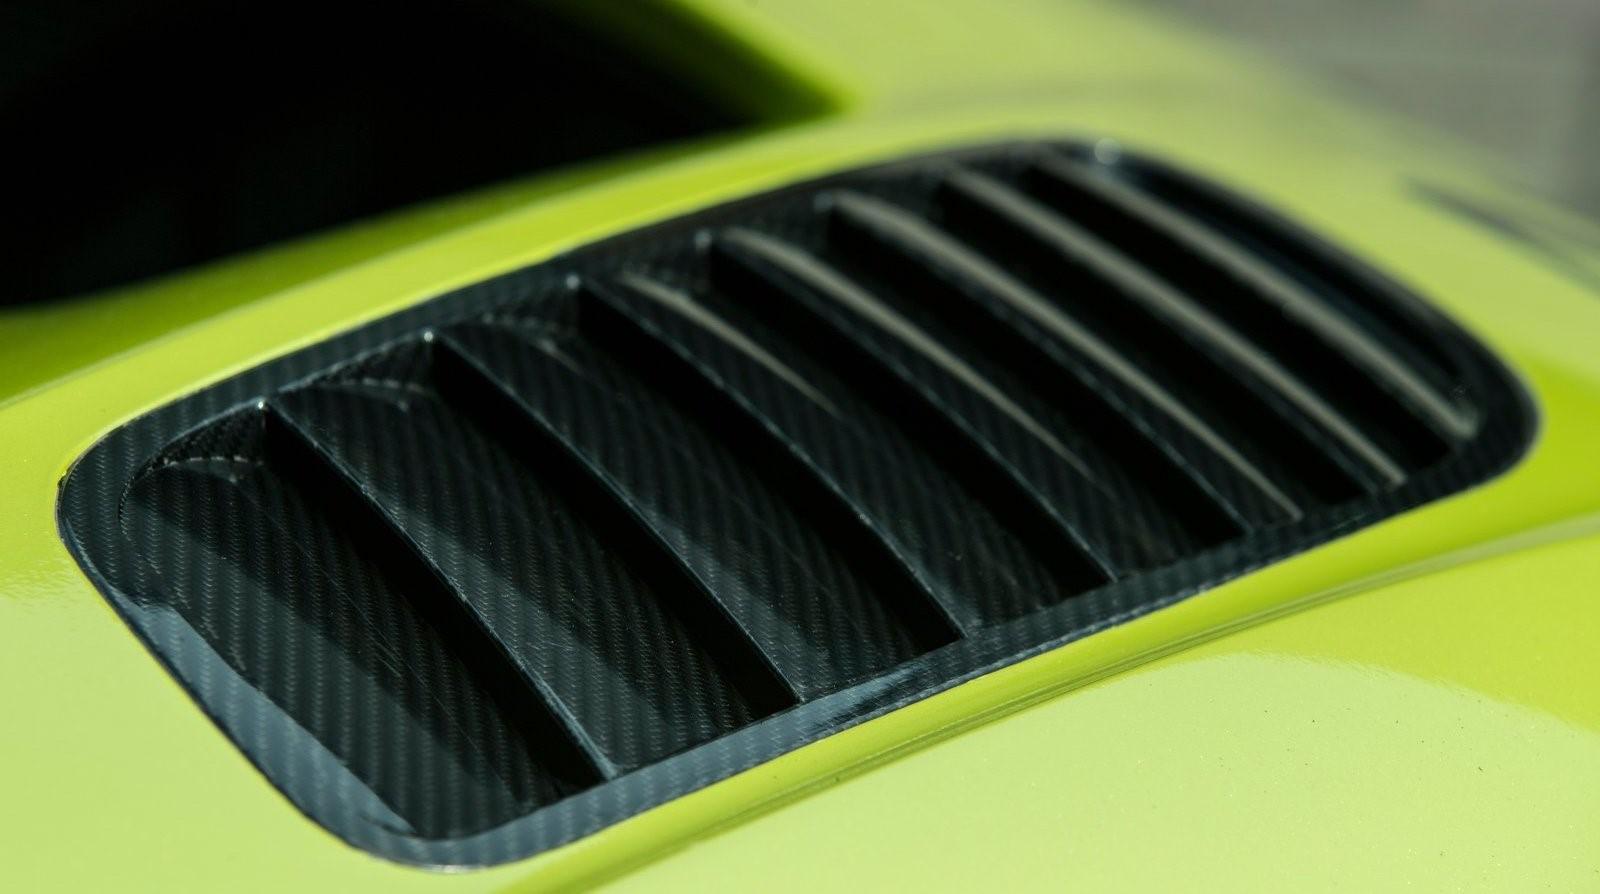 la-voiture-de-piste-la-plus-extreme-au-monde-aston-martin-vulcan-amr-pro-1308-8.jpg